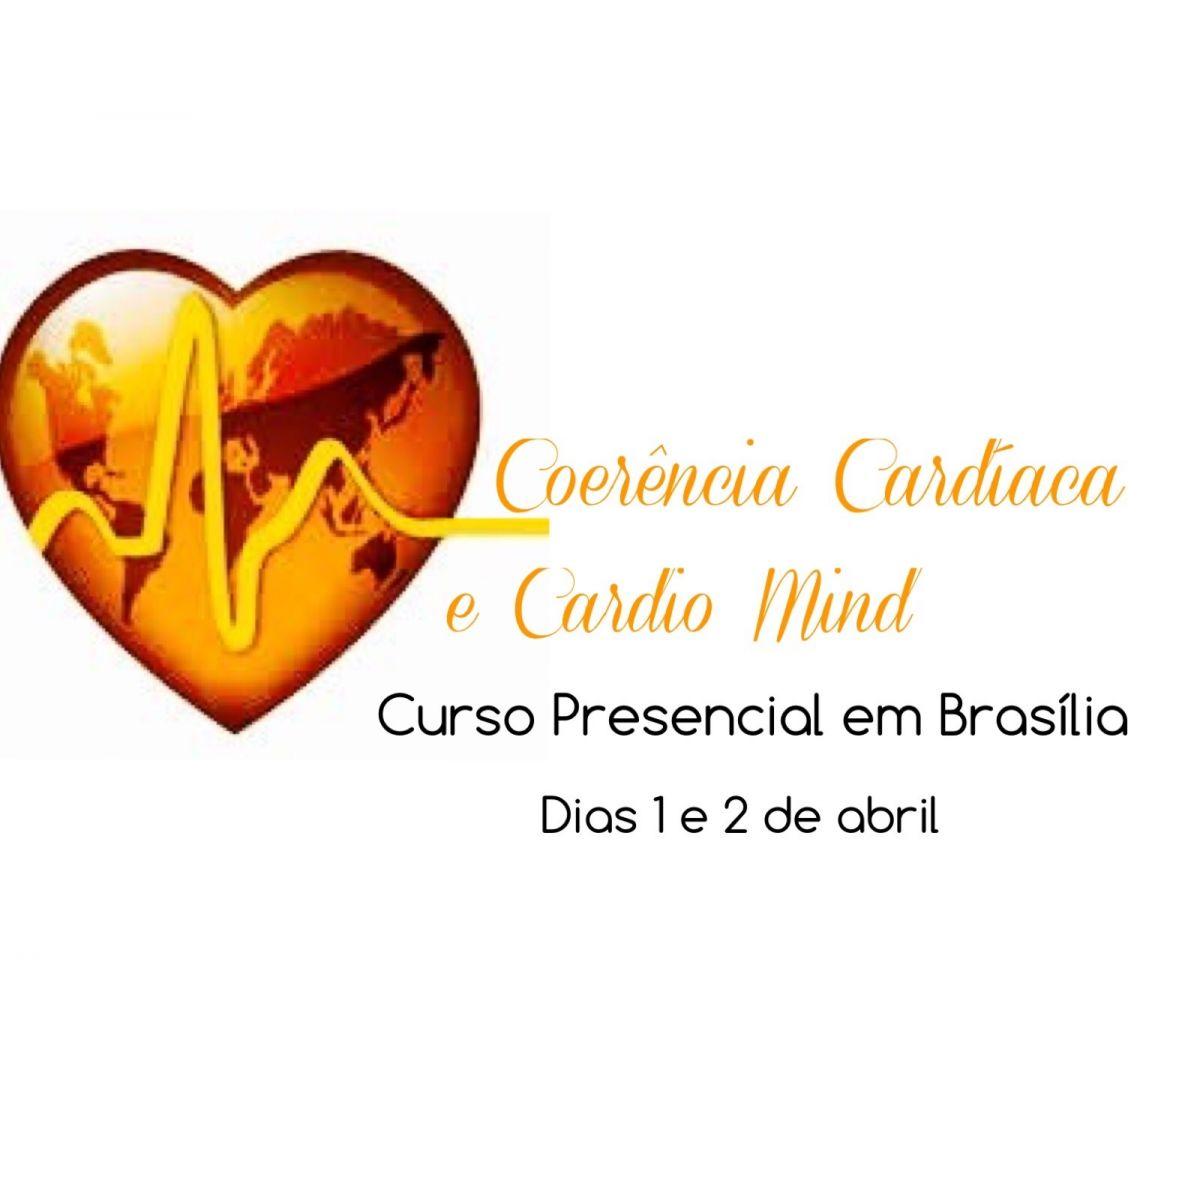 COERÊNCIA CARDÍACA E CARDIO MIND NO TRABALHO TERAPÊUTICO - GASTÃO RIBEIRO